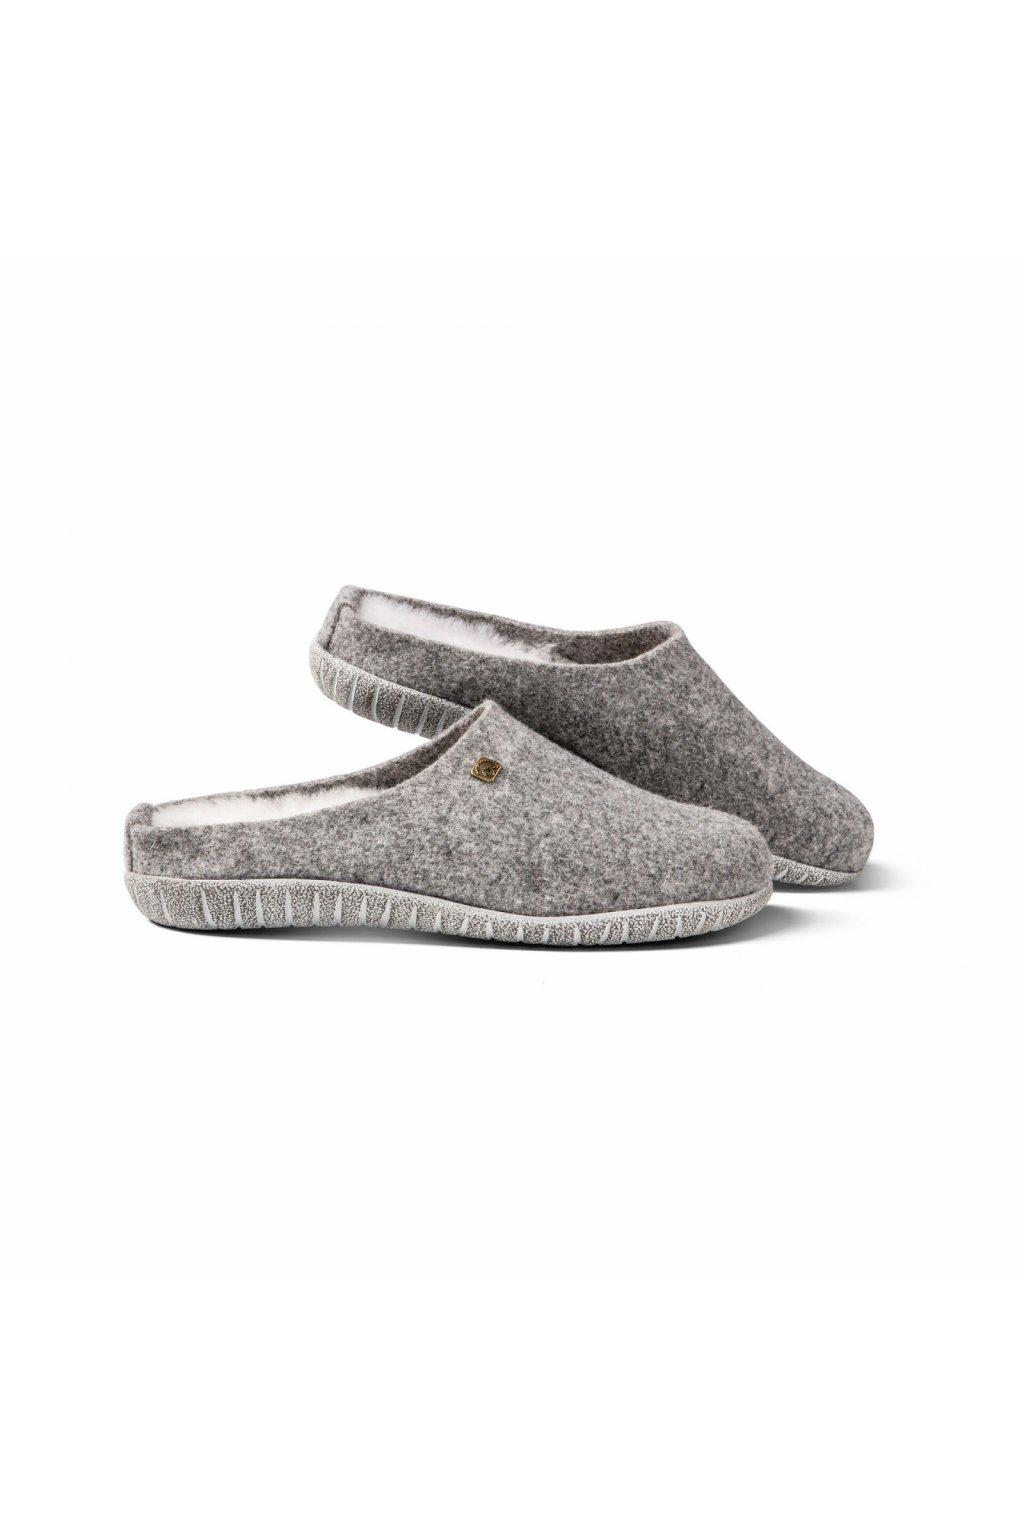 pantoffel modena filz damen grau melange 3541 sy3htz89co9yub